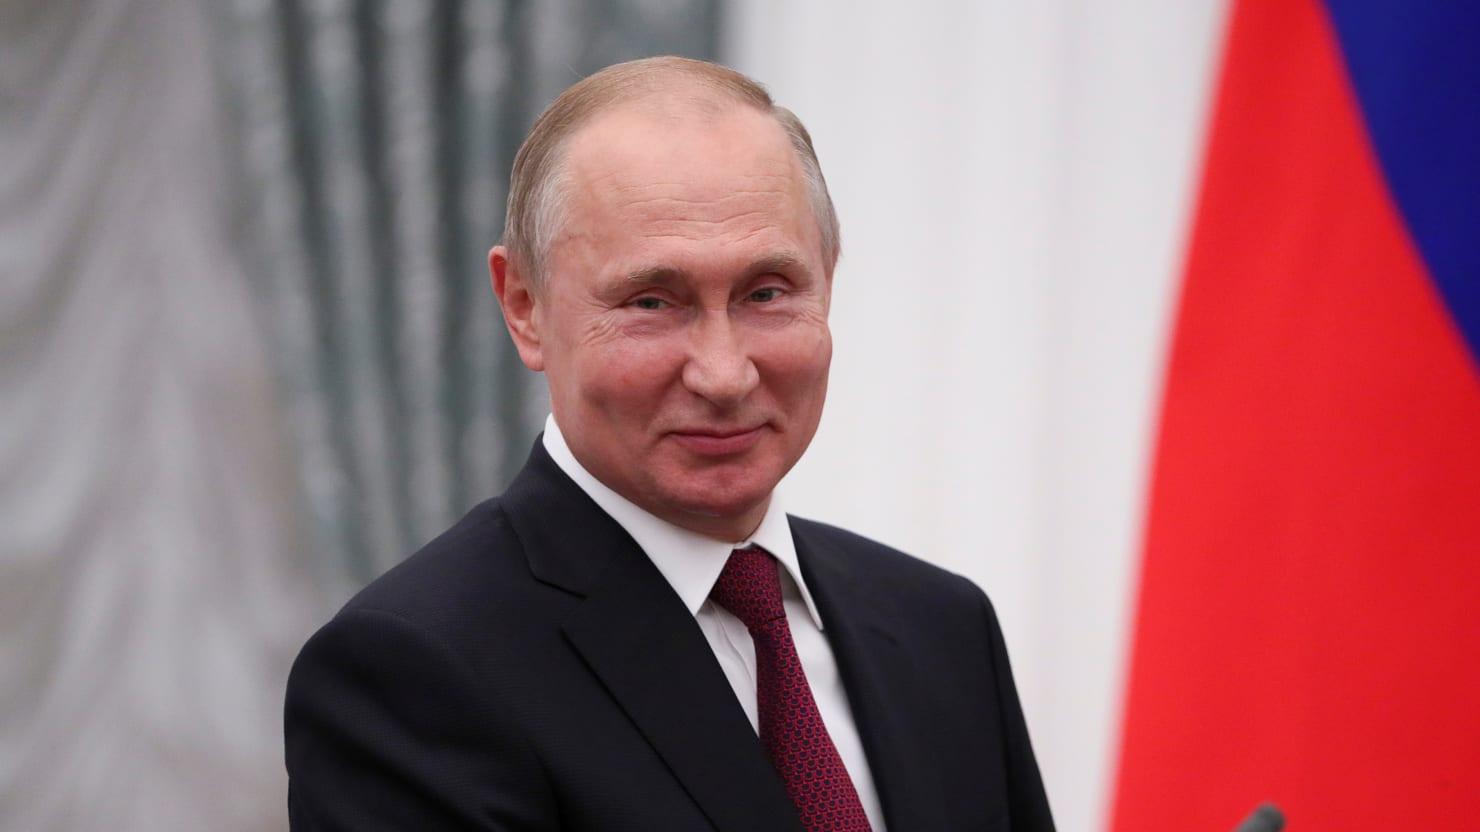 Kremlin on New BBC Talk Show Starring 'Vladimir Putin': The Real Putin Is Not a Fan